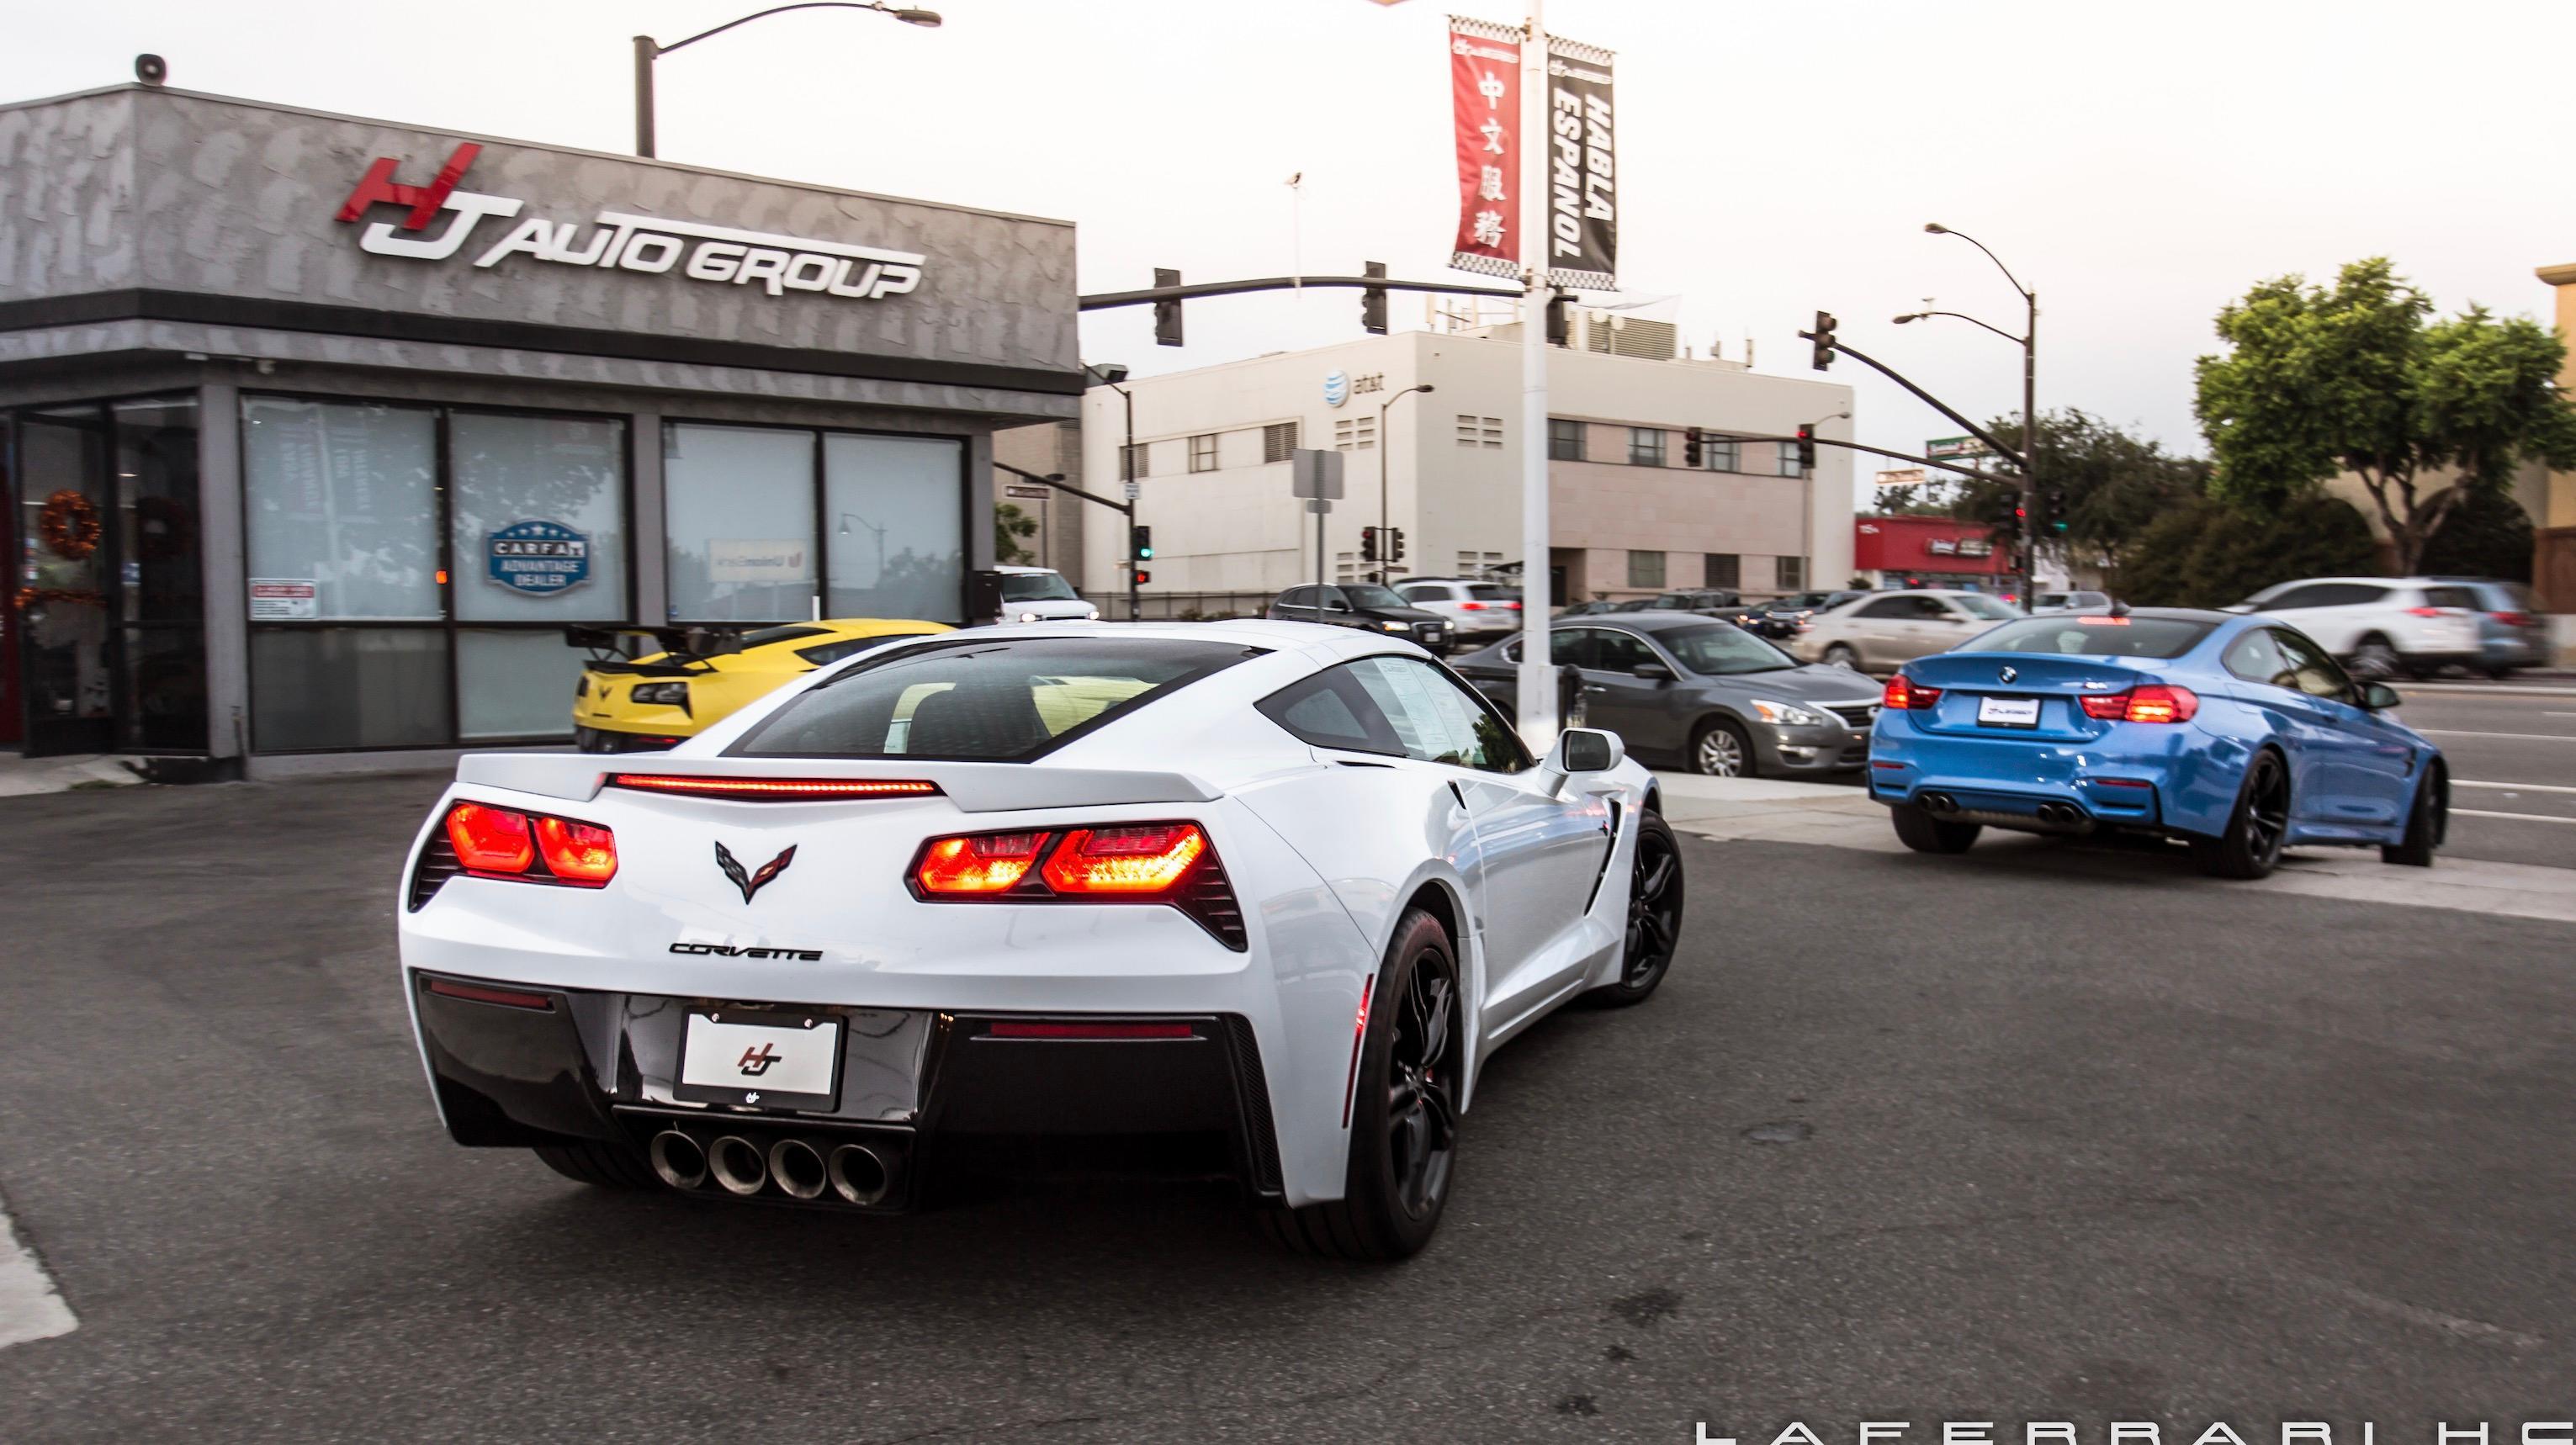 HJ Auto Group image 5